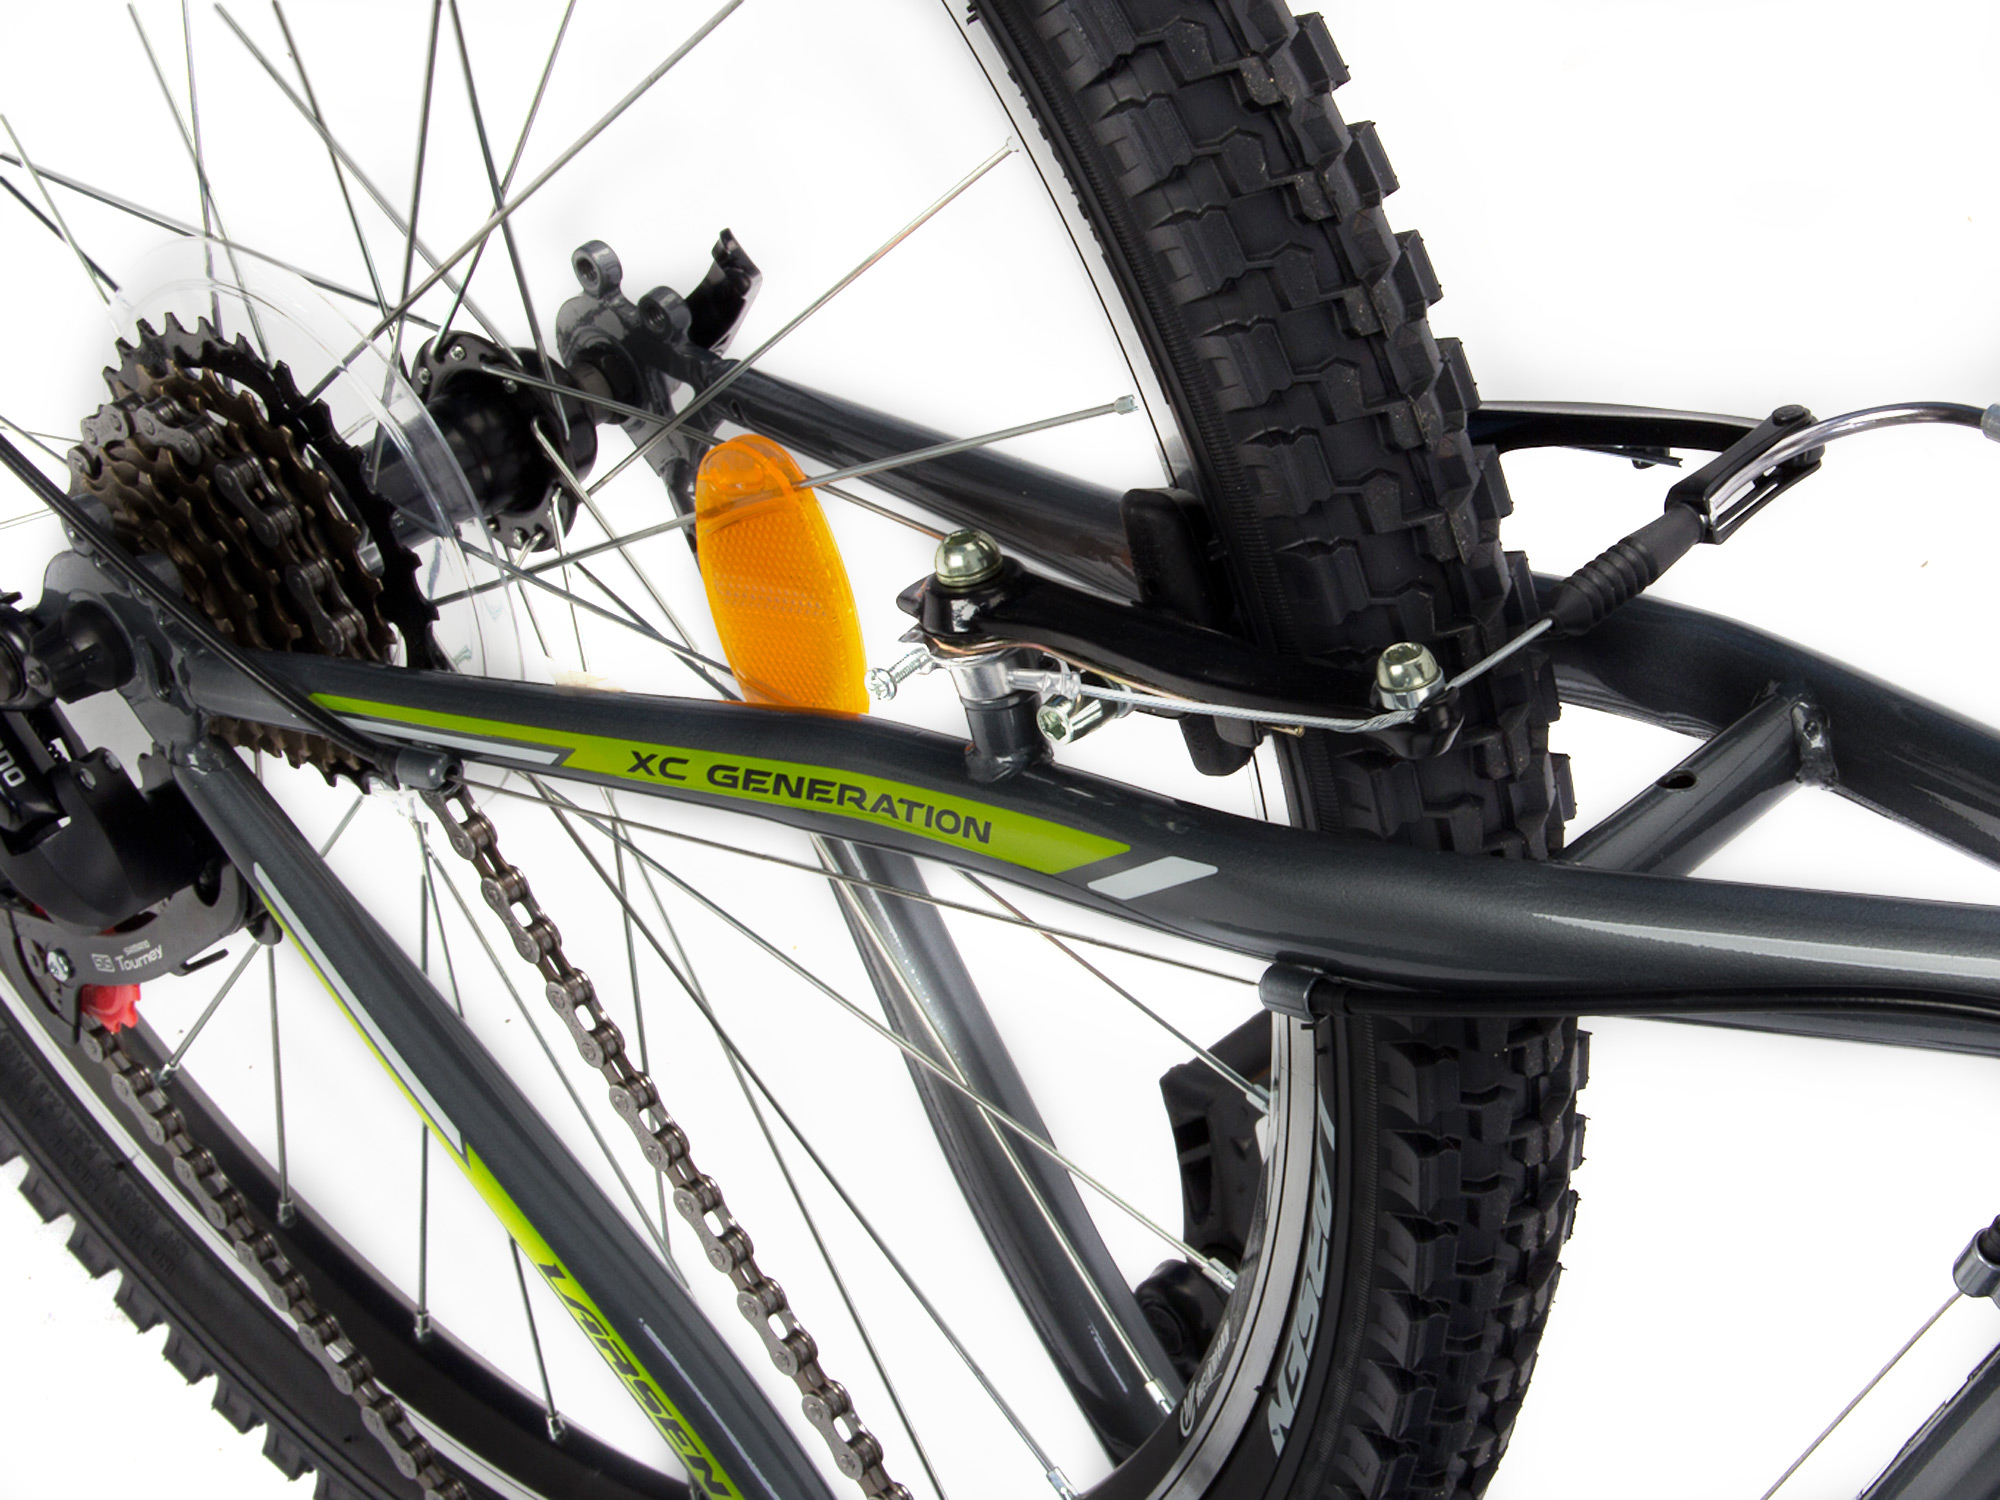 Велосипеды larsen: описание, технические характеристики, модели и отзывы